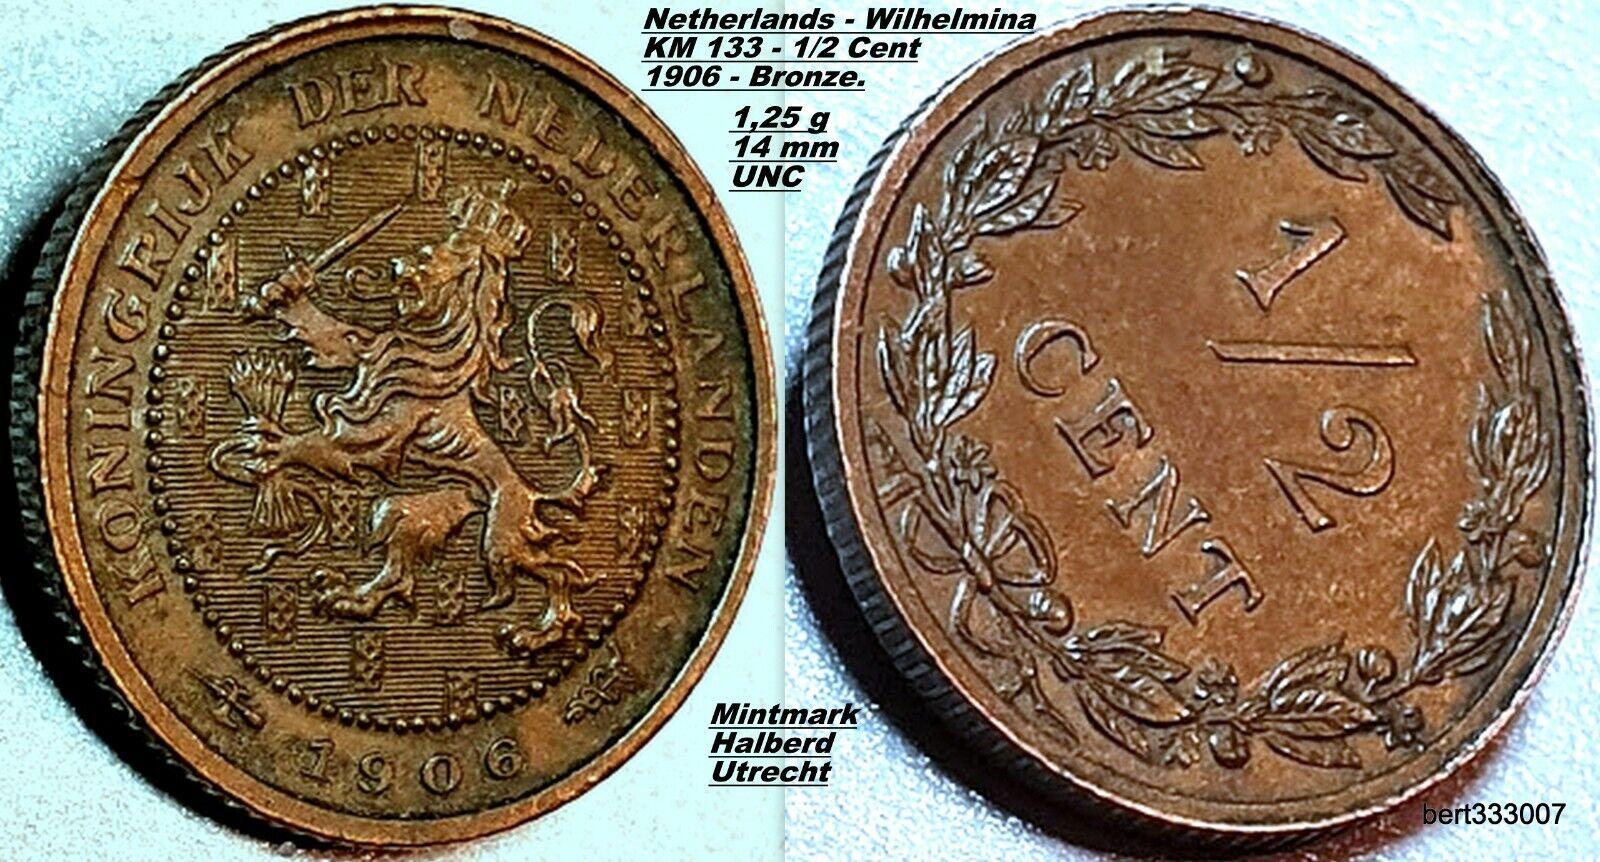 NETHERLANDS : WILHELMINA - 1/2 Cent 1906  - UTRECHT - UNC - KM.133 - Bronze.